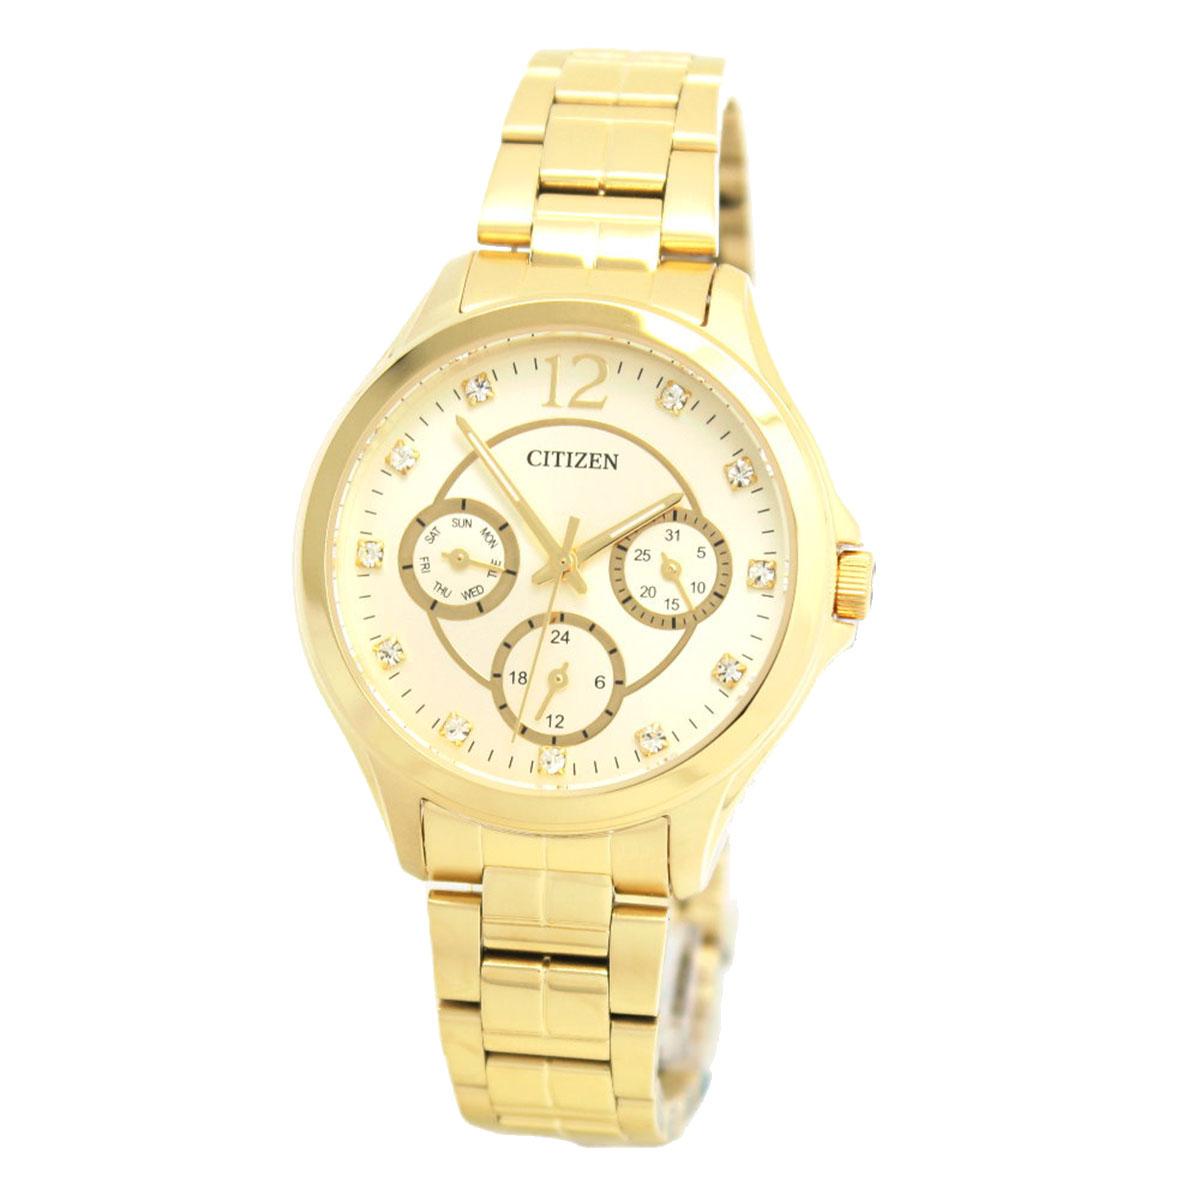 นาฬิกาผู้หญิง Citizen รุ่น ED8142-51P, QUARTZ Casual Analog with Gold Dial